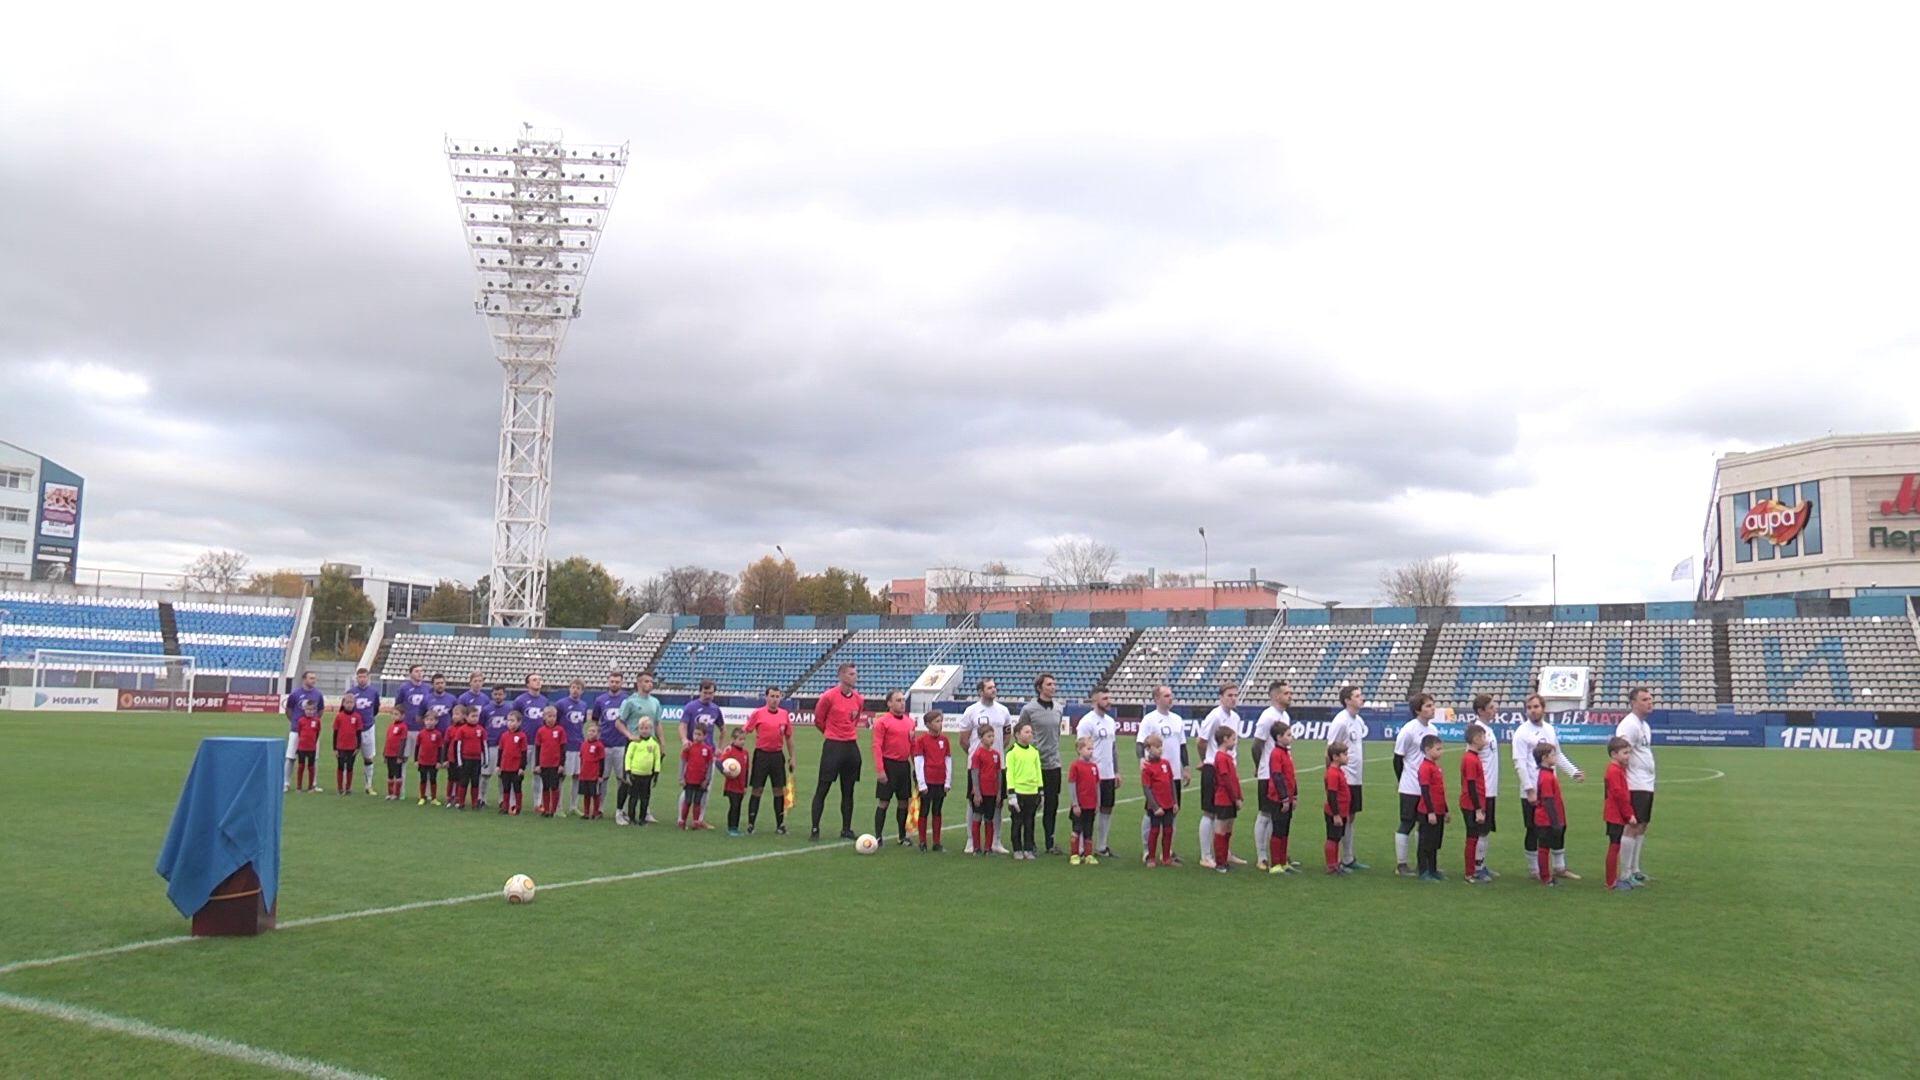 Стал известен обладатель Кубка Ярославля по футболу среди любителей